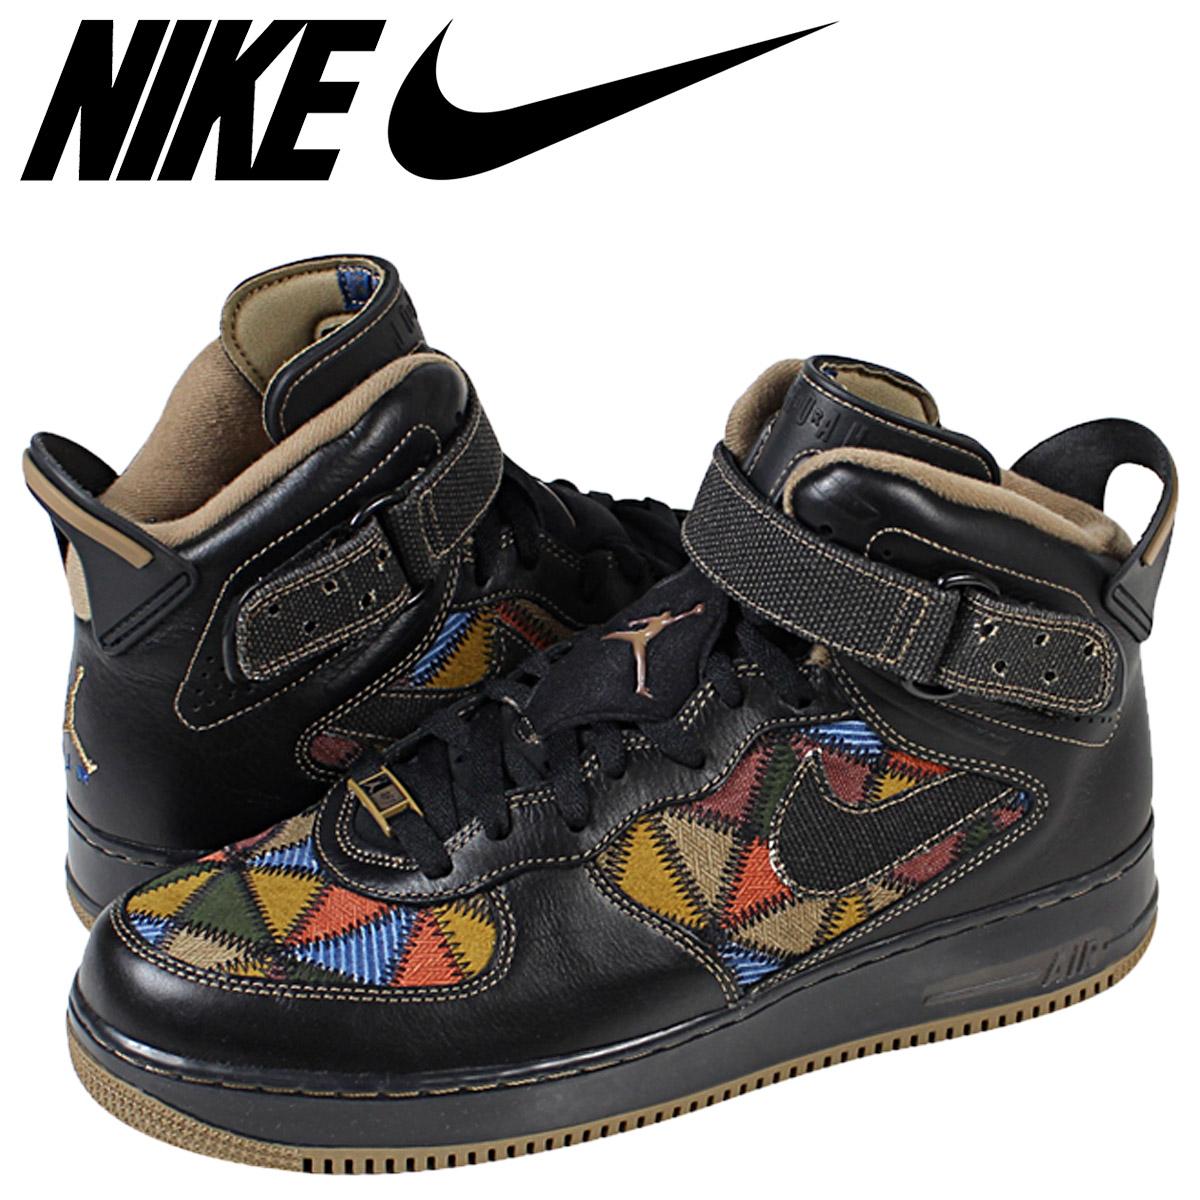 ALLSPORTS  NIKE Nike Air Jordan sneakers AIR JORDAN FUSION 6 PREMIER BLACK  HISTORY MONTH Air Jordan fusion 6 premium 349902 - 021 black mens  976b1d8789